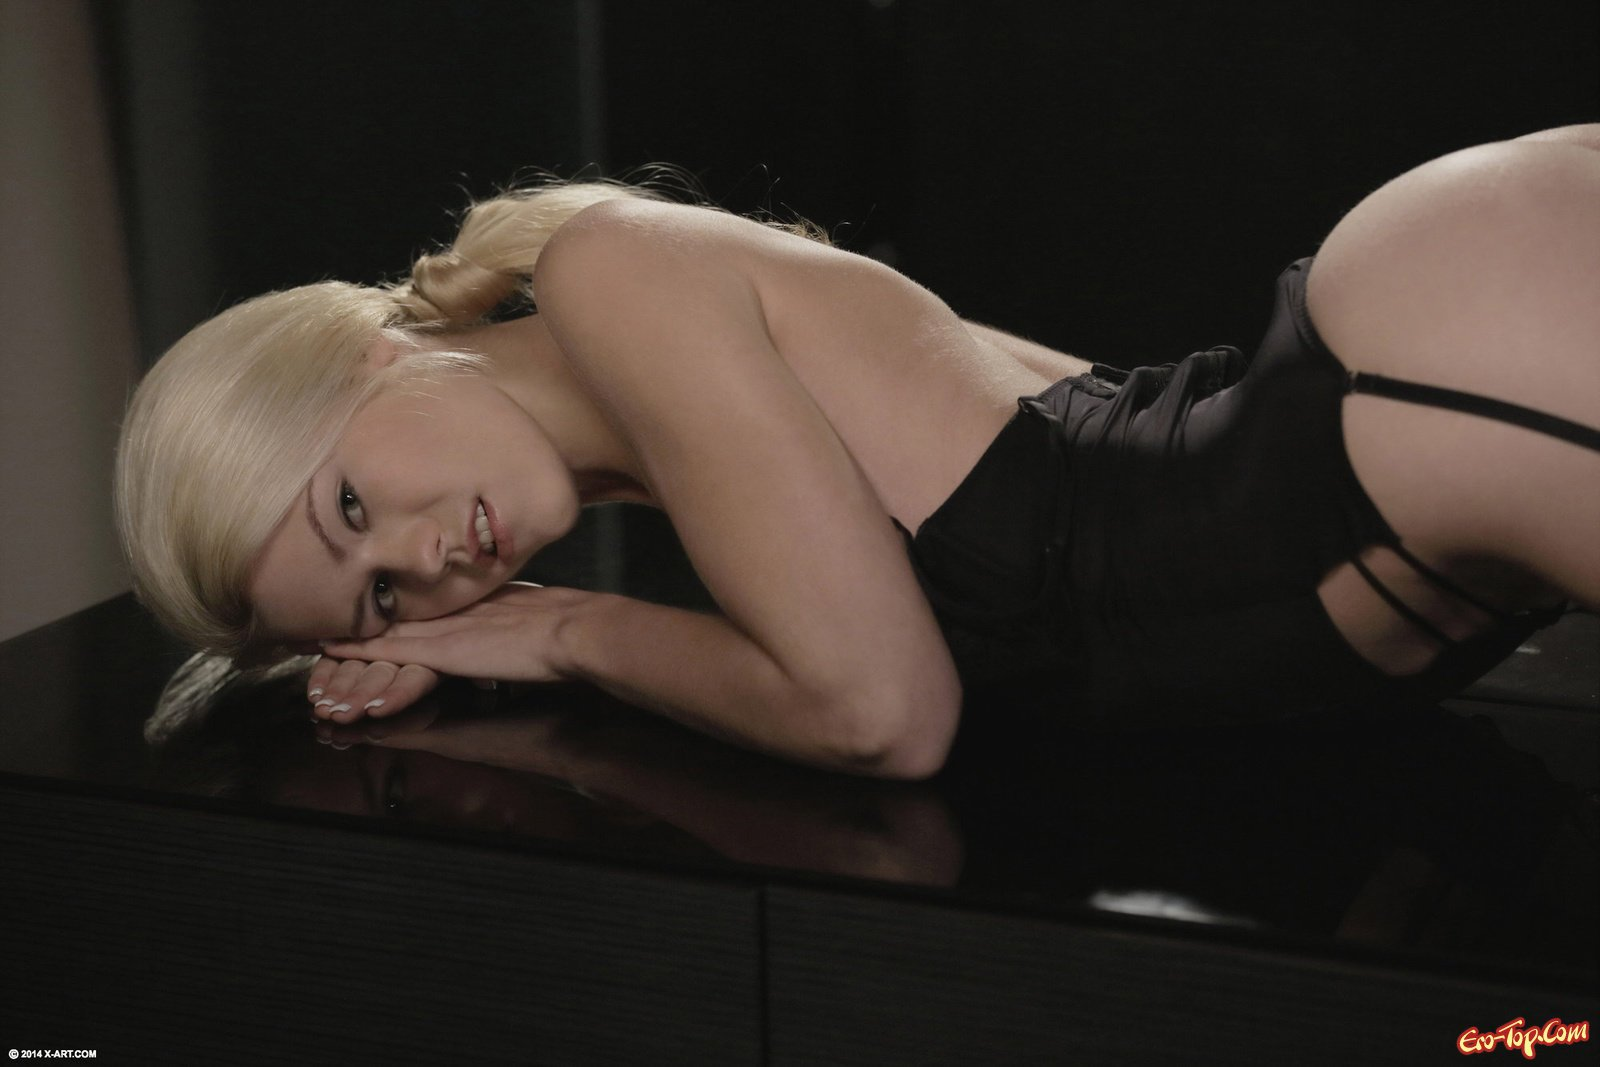 Блондинка в нижнем белье показала попку на столе